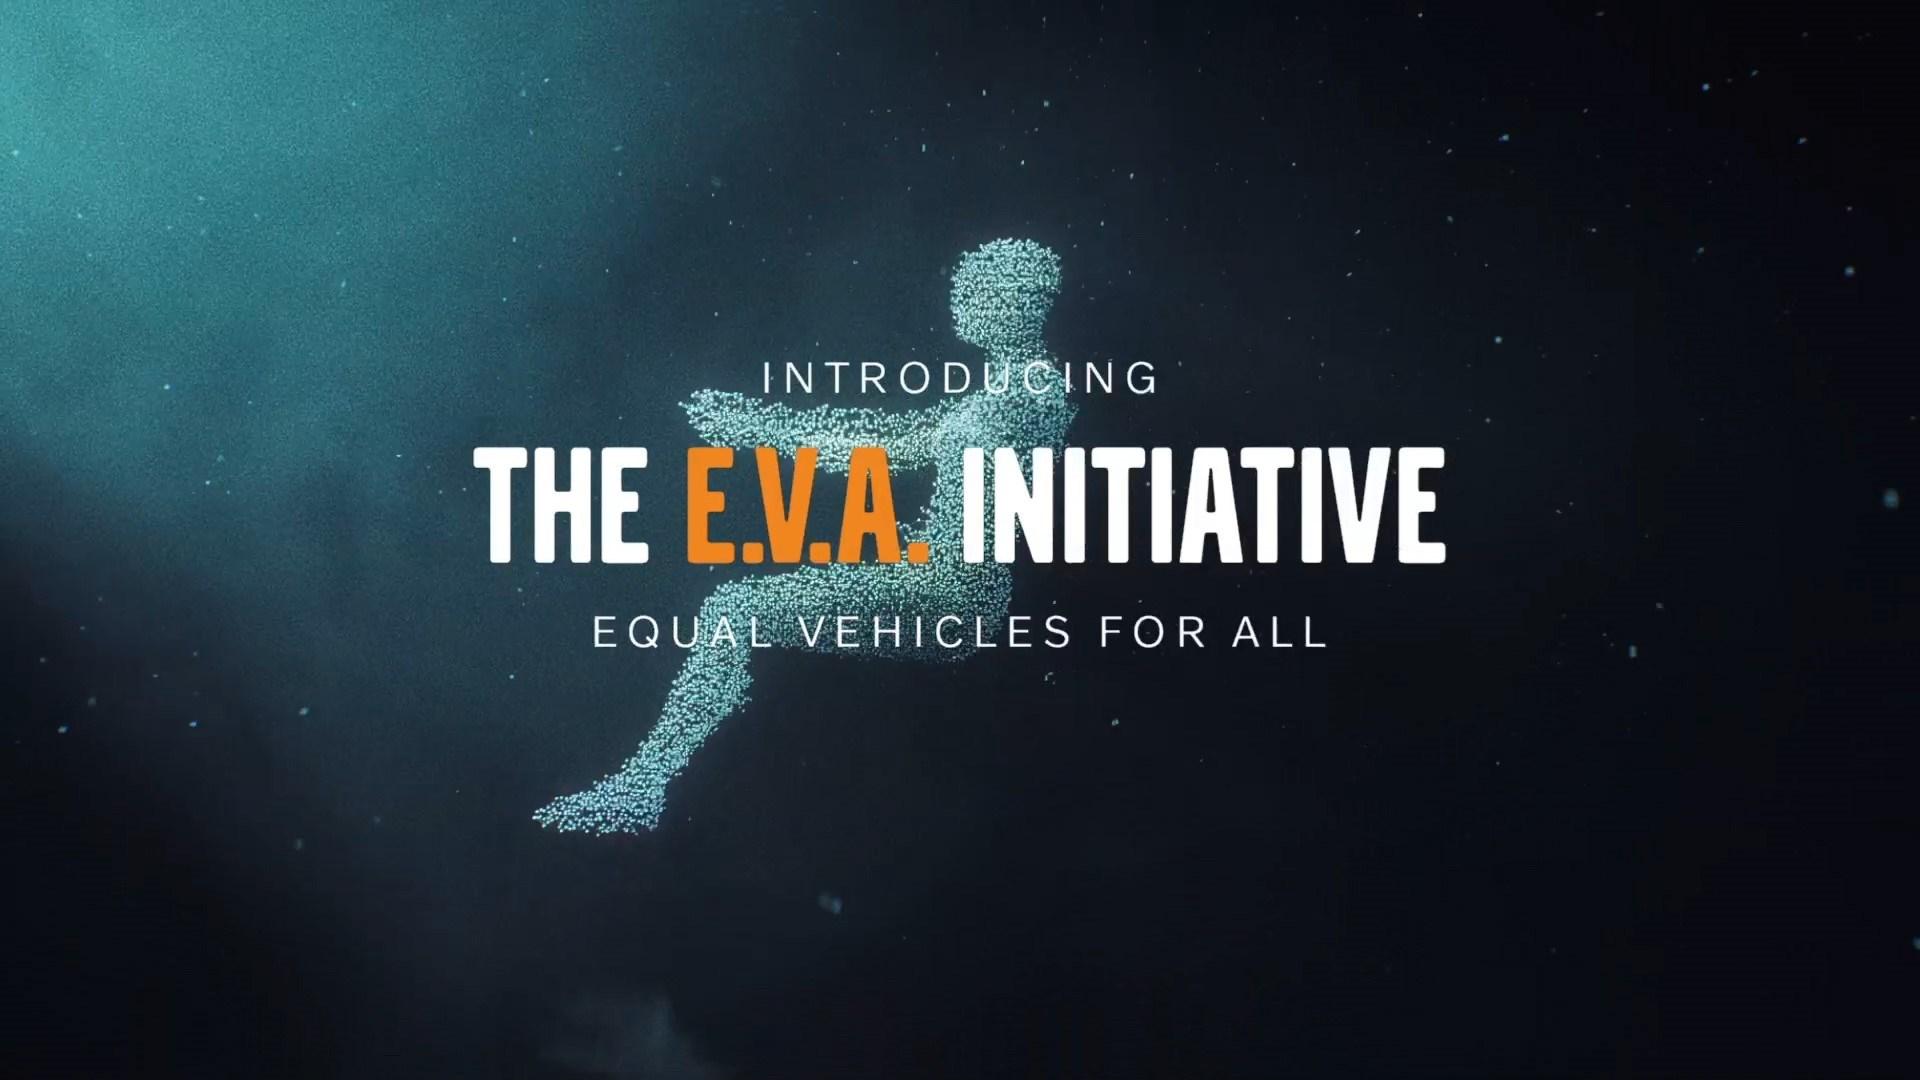 Die Volvo E.V.A Initiative